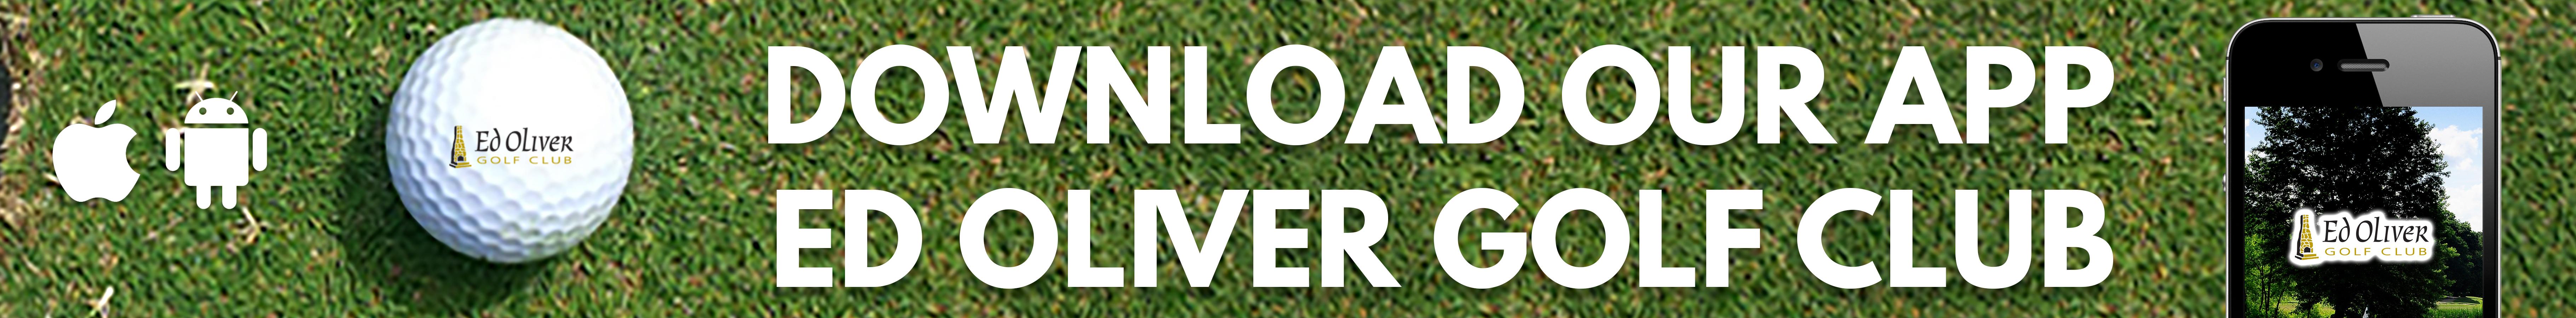 Ed Oliver Golf App